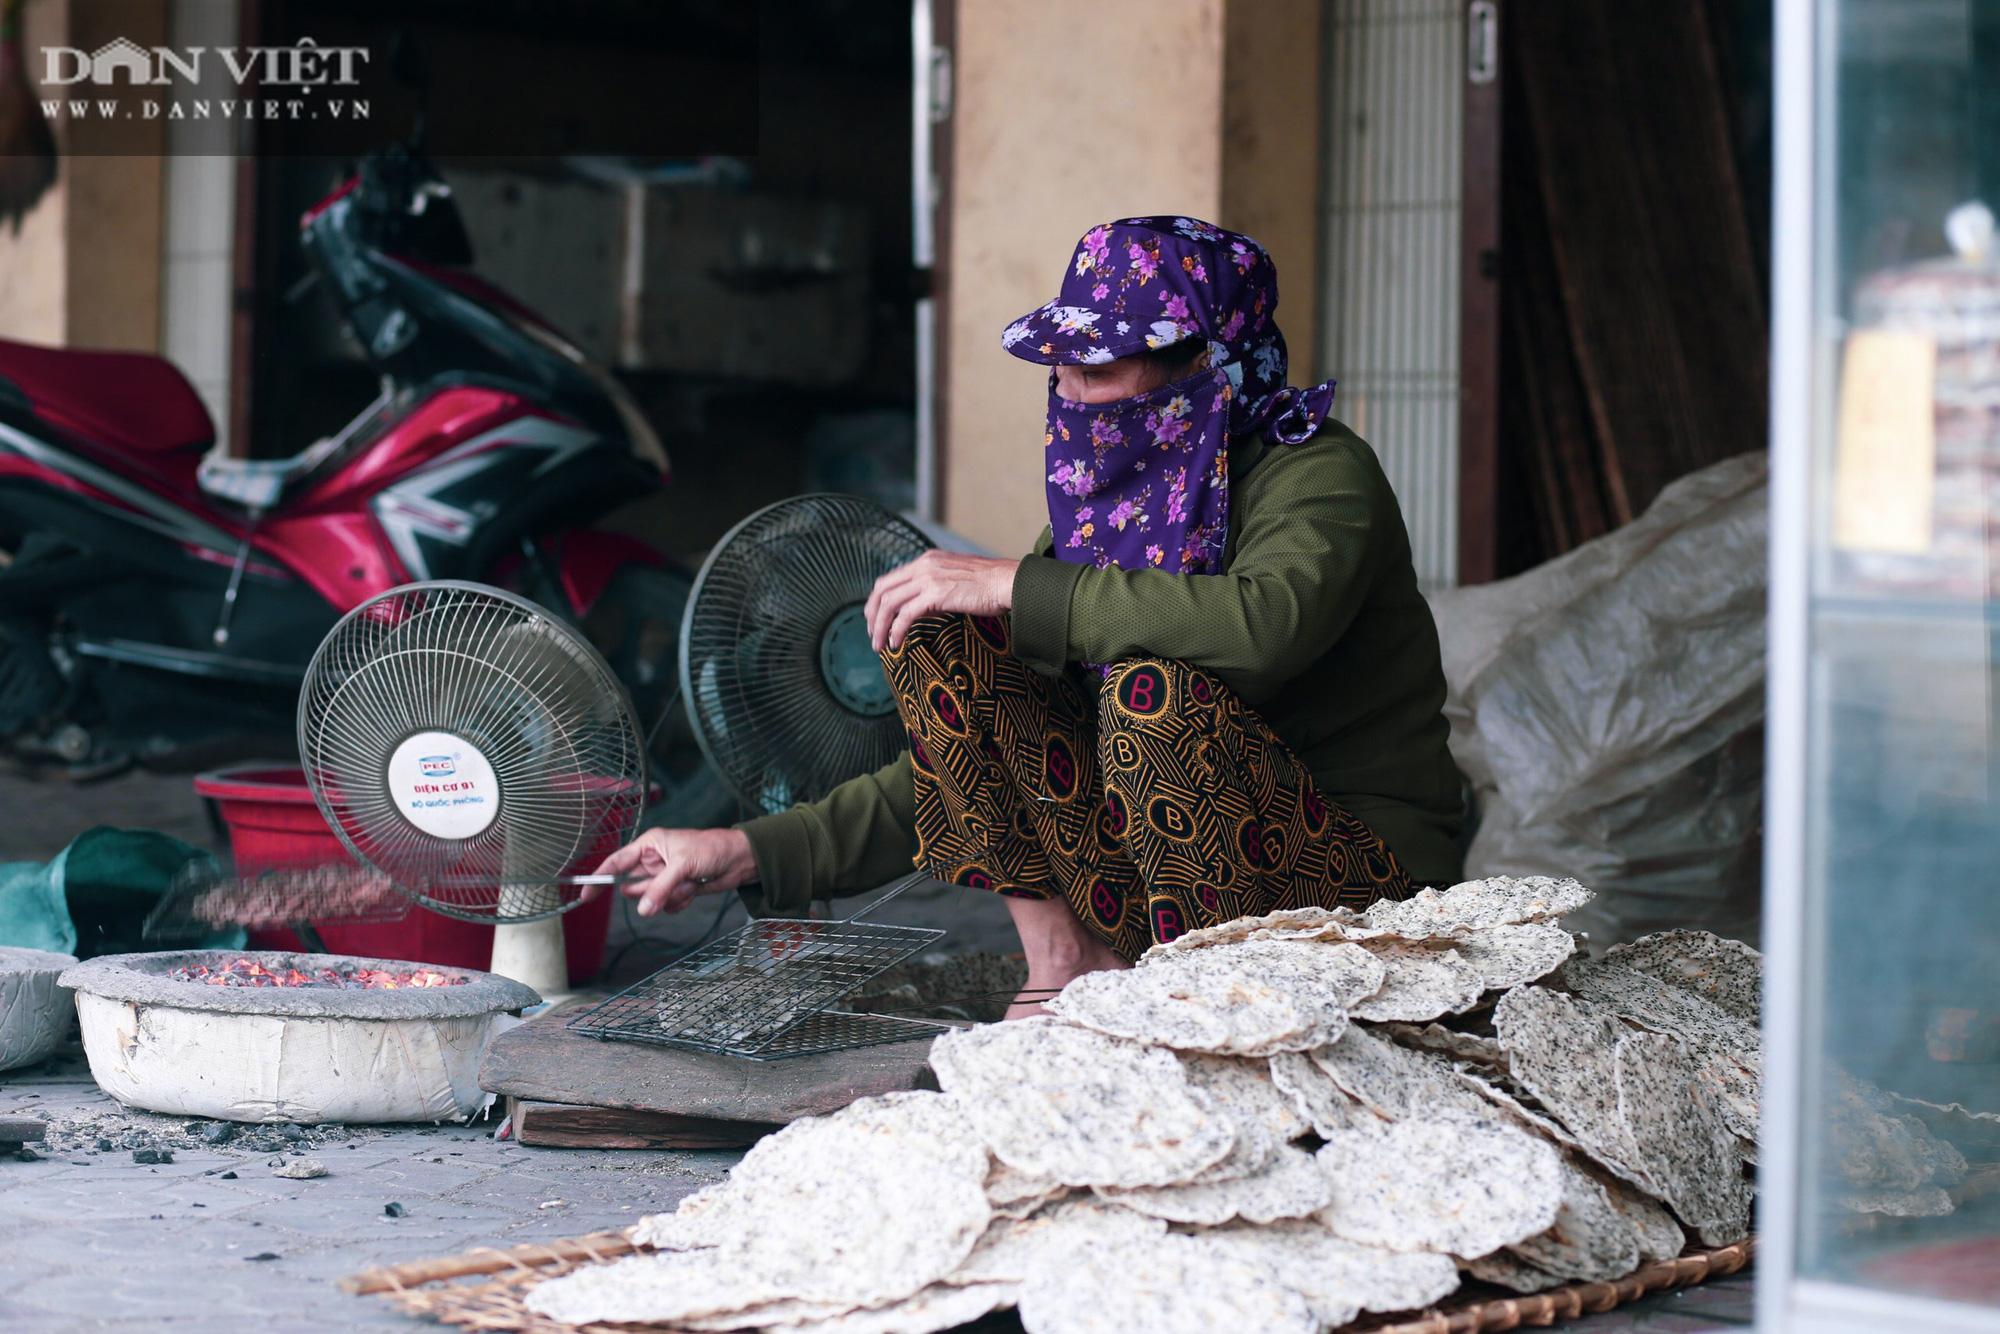 Dân làng Vĩnh Đức dùng tay không làm ra thứ bánh giòn, thơm ngon, có nhà kiếm cả triệu mỗi ngày - Ảnh 4.